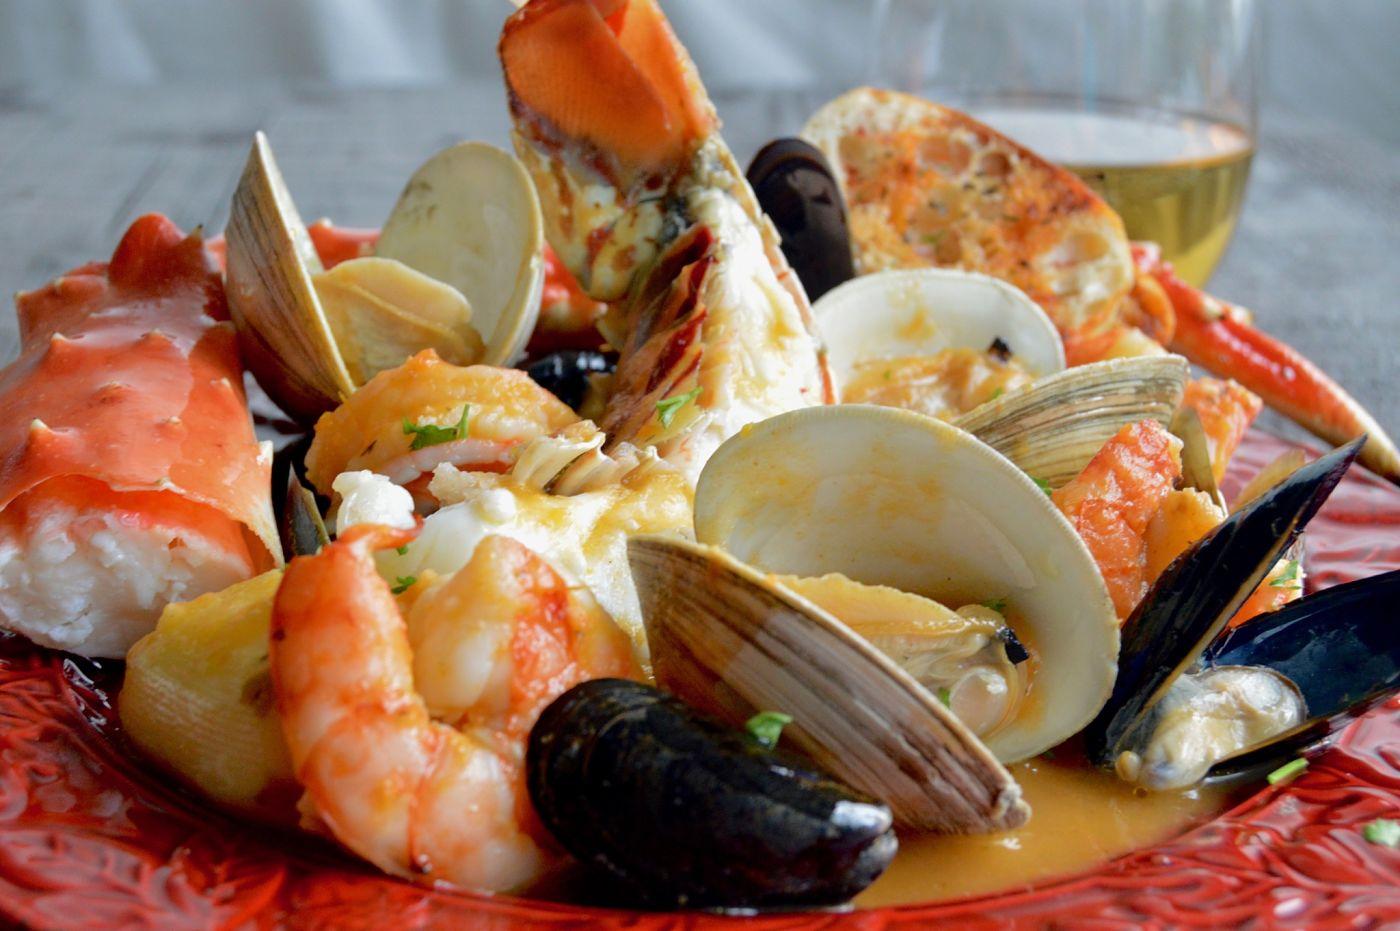 диетические блюда из морепродуктов рецепты с фото